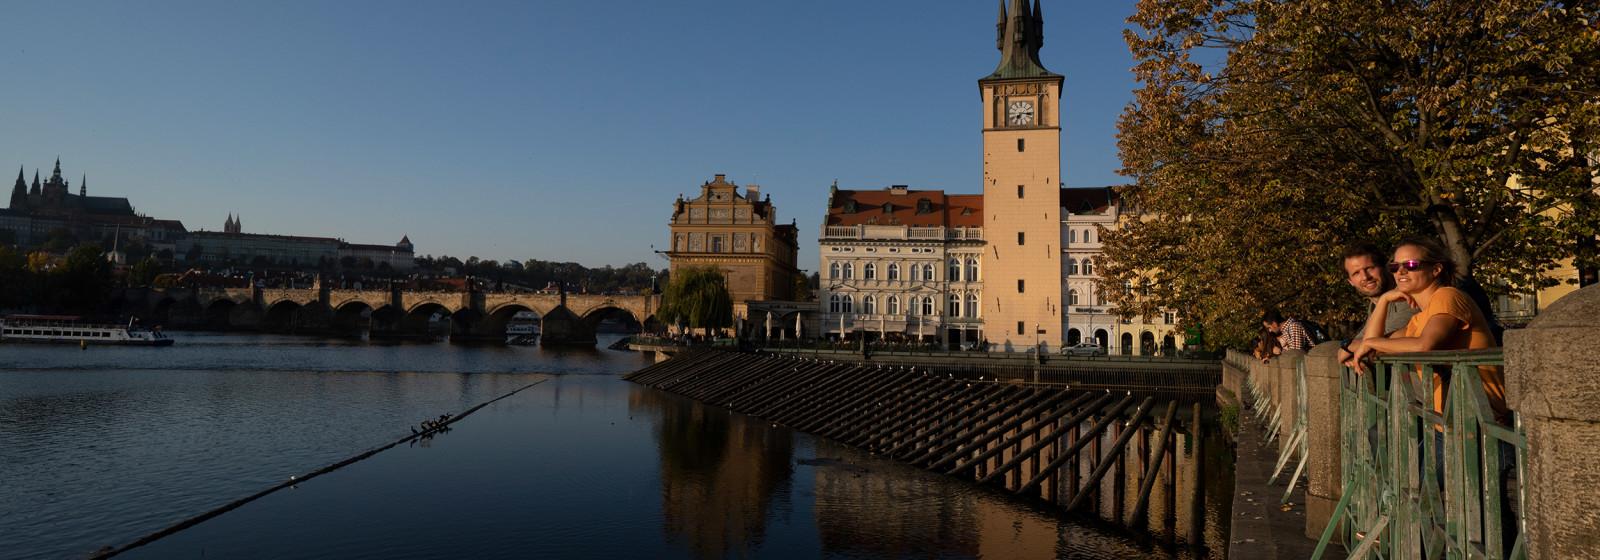 Reiseszene Prag, Tschechien.